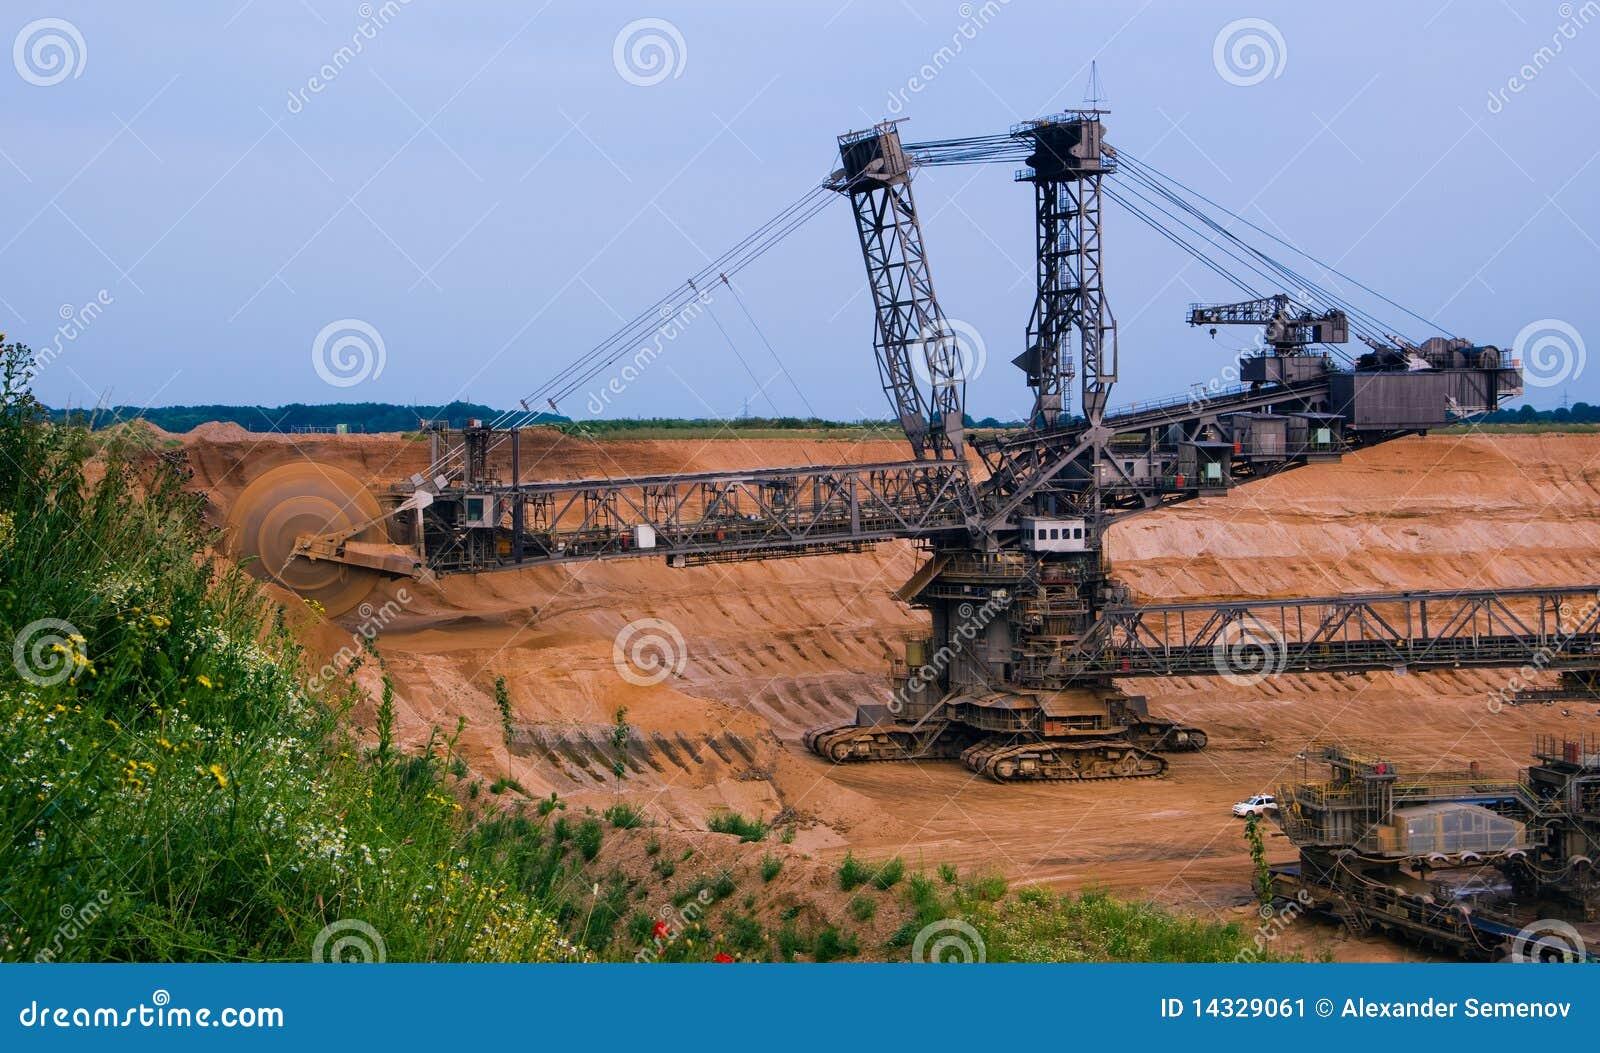 giant excavator - photo #13